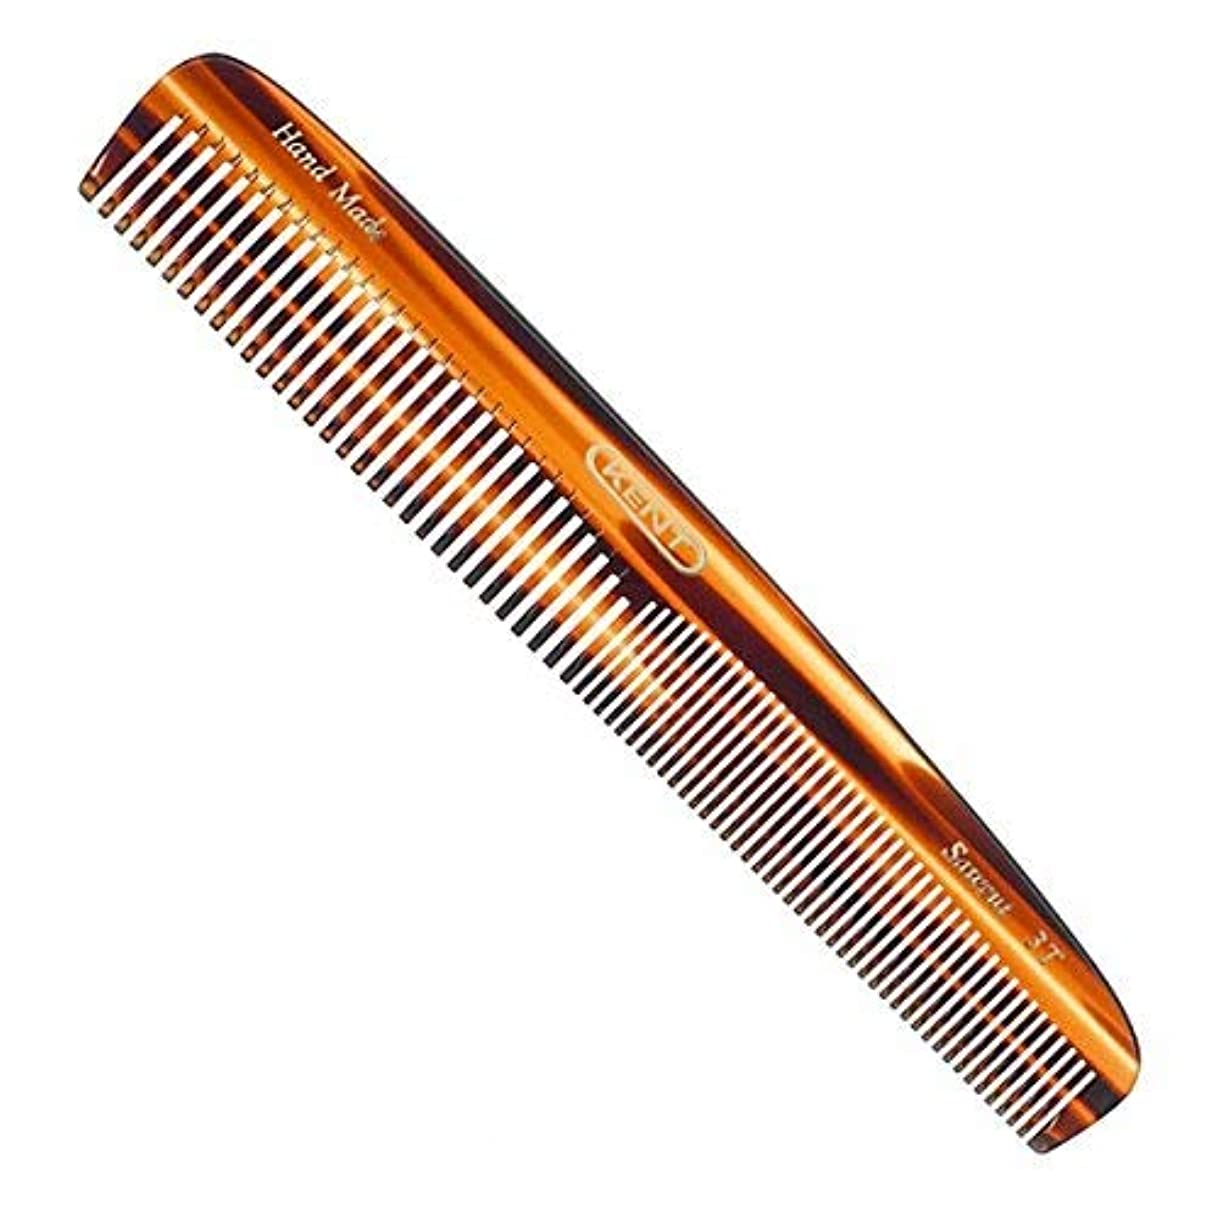 カセット牽引でもKent Handmade Saw Cut 148 Millimeter Coarse and Fine Tooth Dressing Comb, Hand Sawn Cellulose Acetate with Rounded...